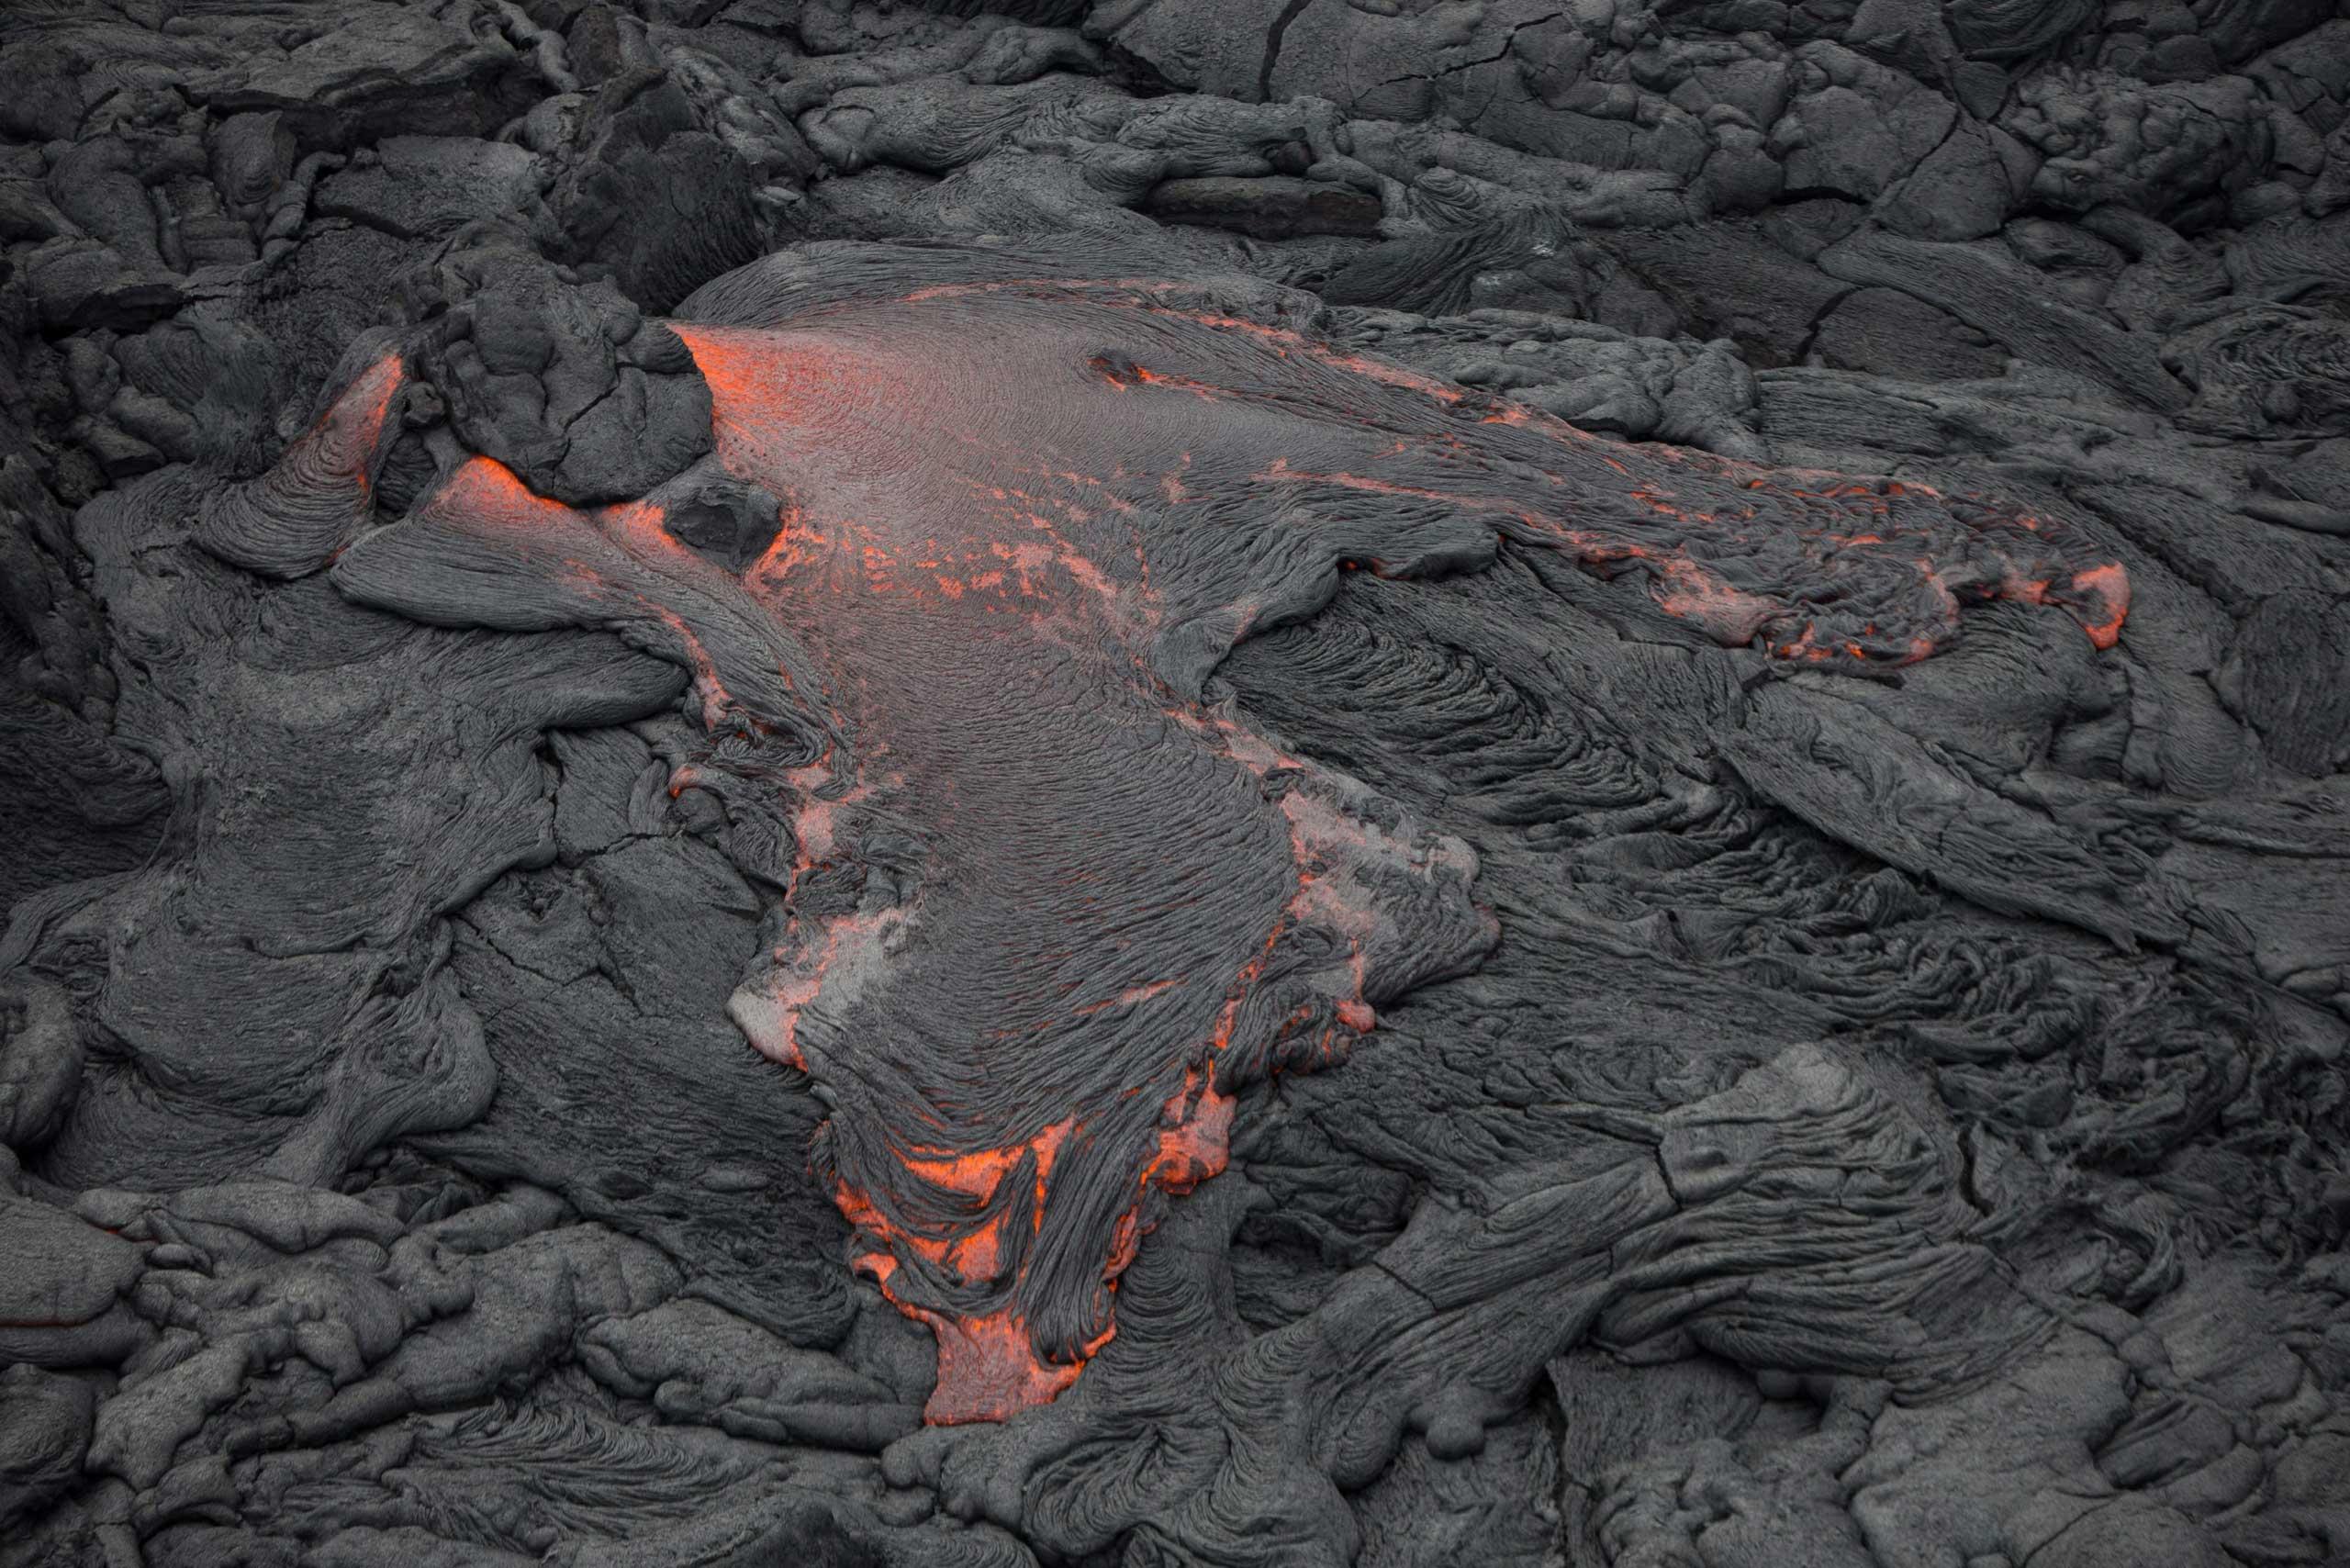 Lava from Kilauea Volcano threatens the town of Pahoa, Hawaii on Oct. 29, 2014.